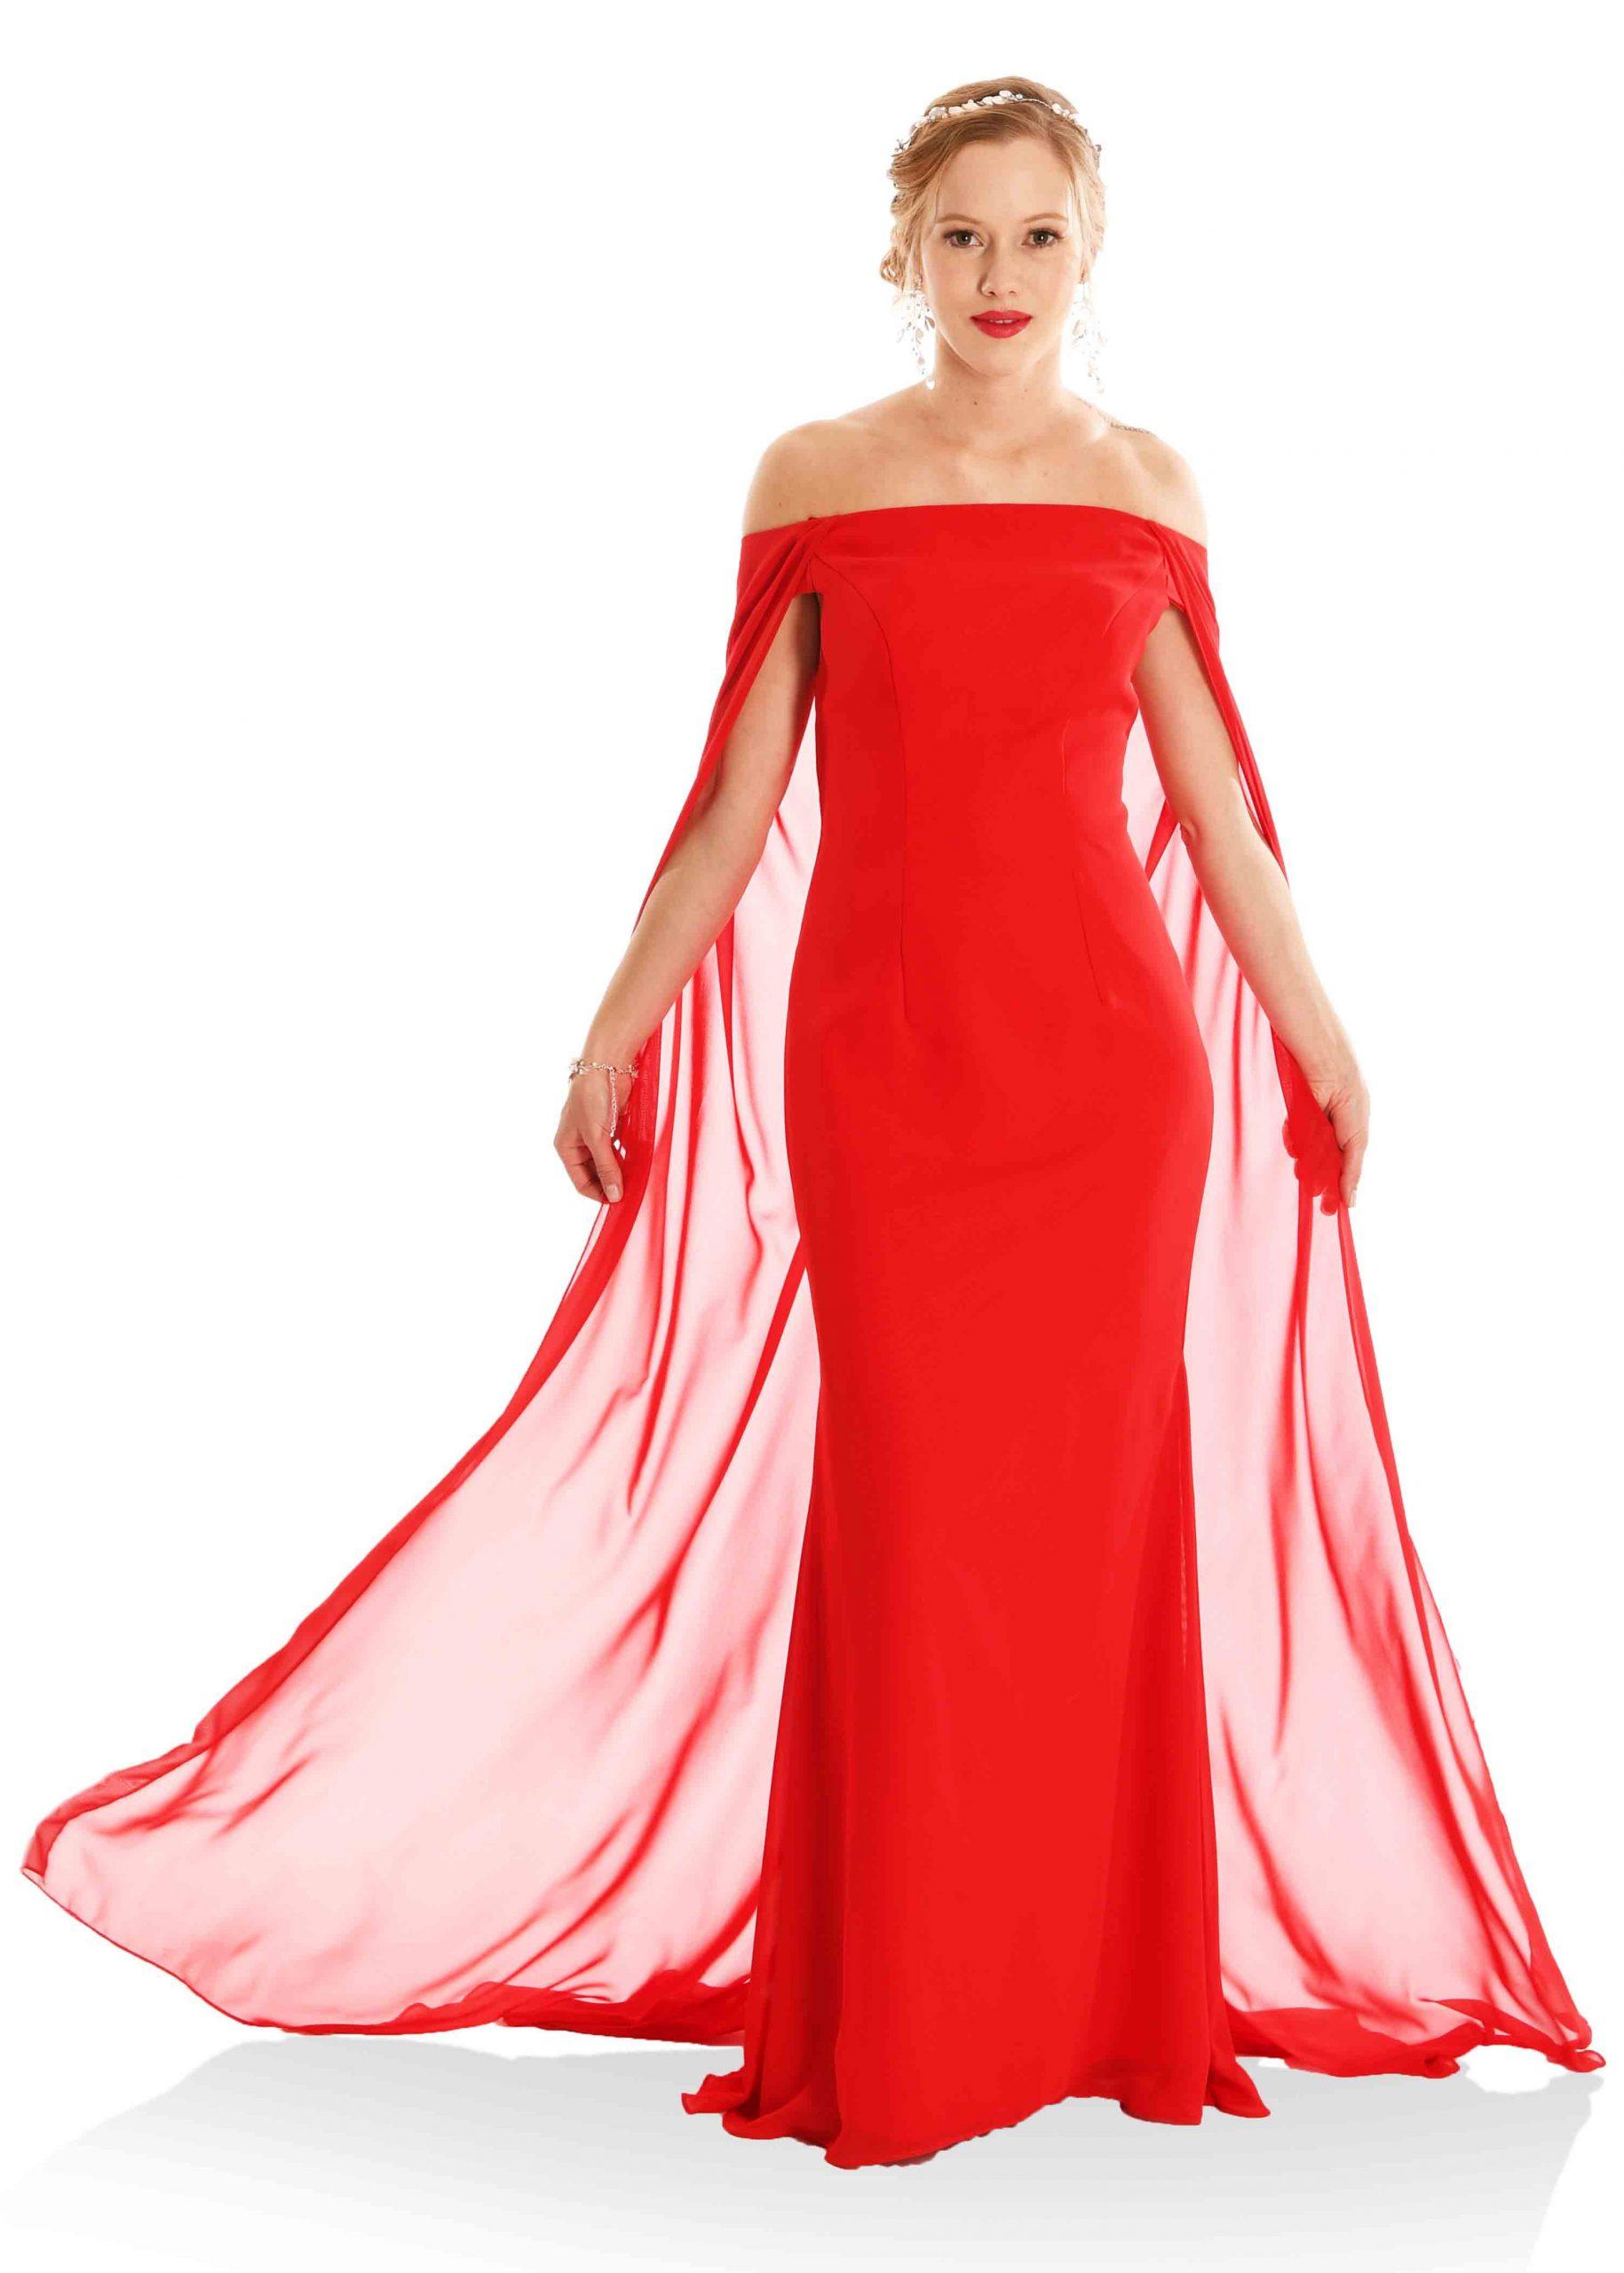 15 Elegant Abendkleid Zweiteilig Corsage Boutique17 Top Abendkleid Zweiteilig Corsage Bester Preis